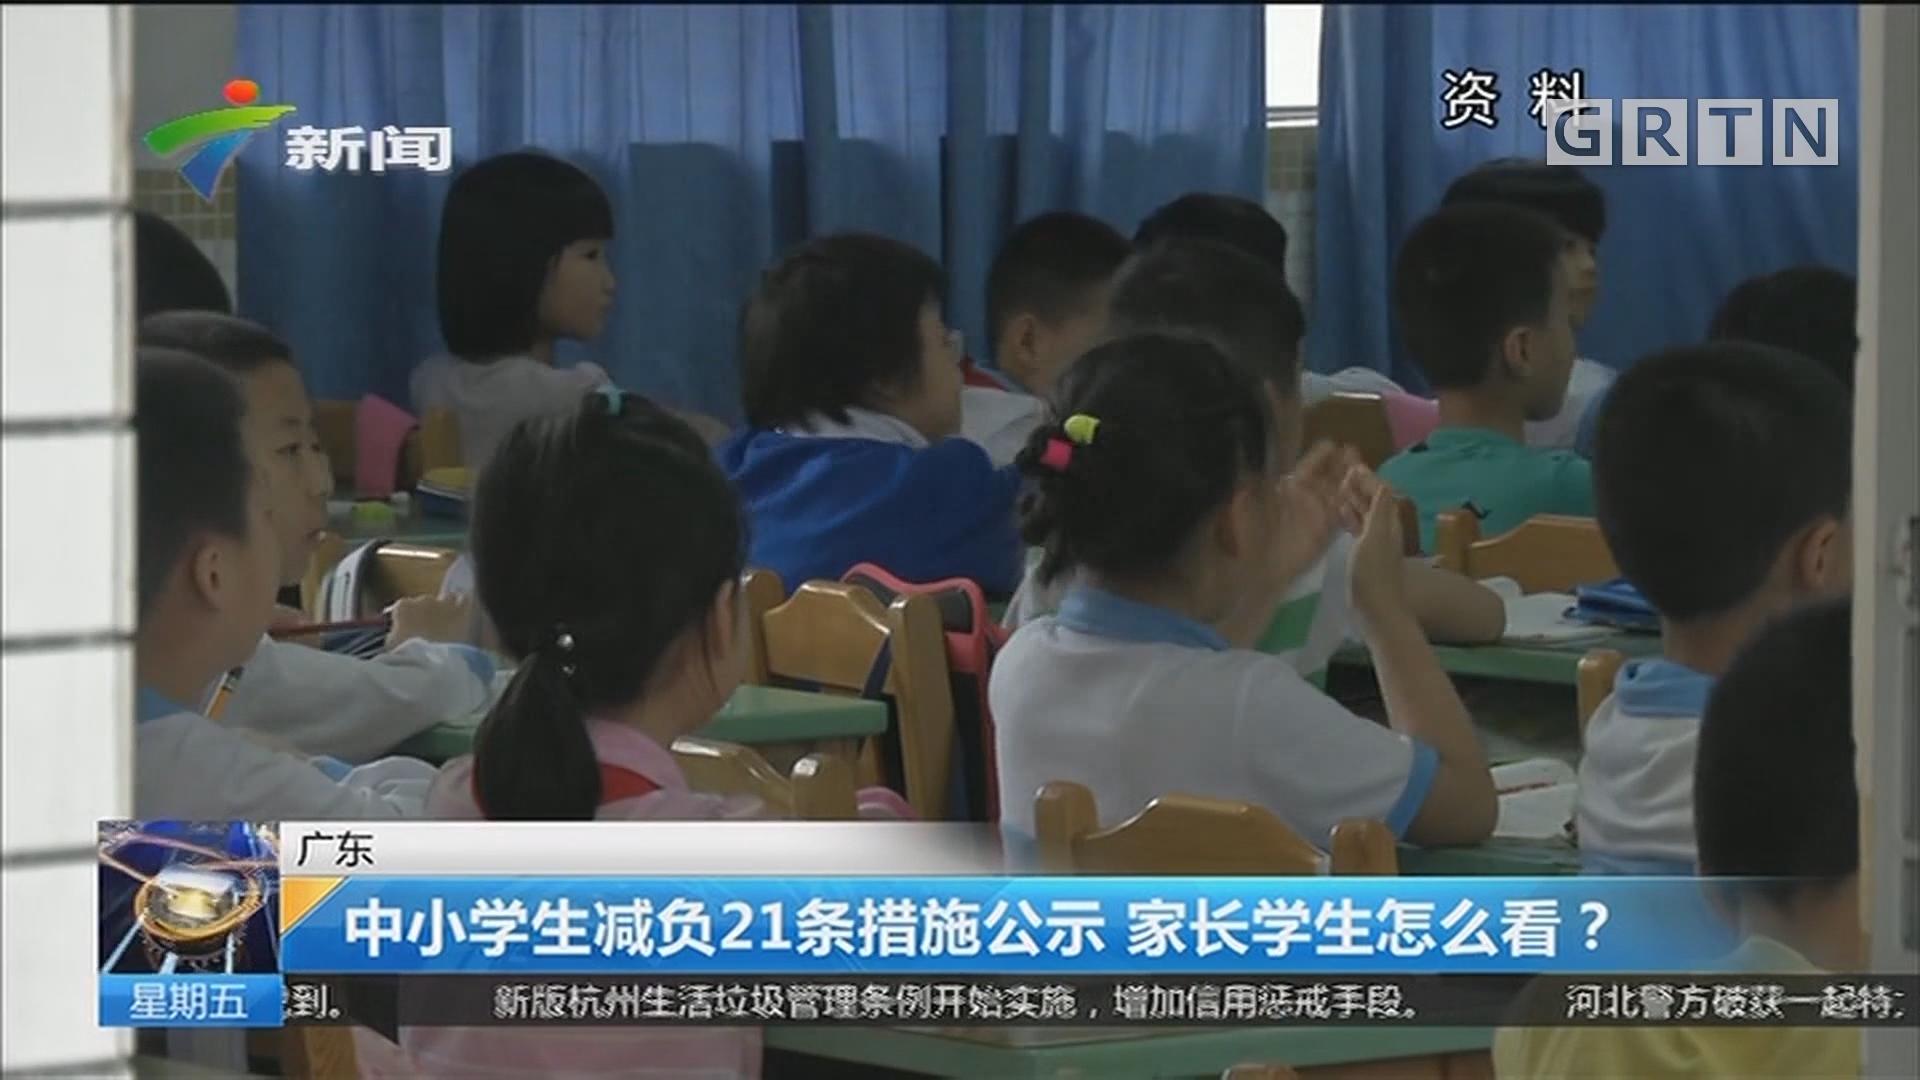 广东:中小学生减负21条措施公示 家长学生怎么看?